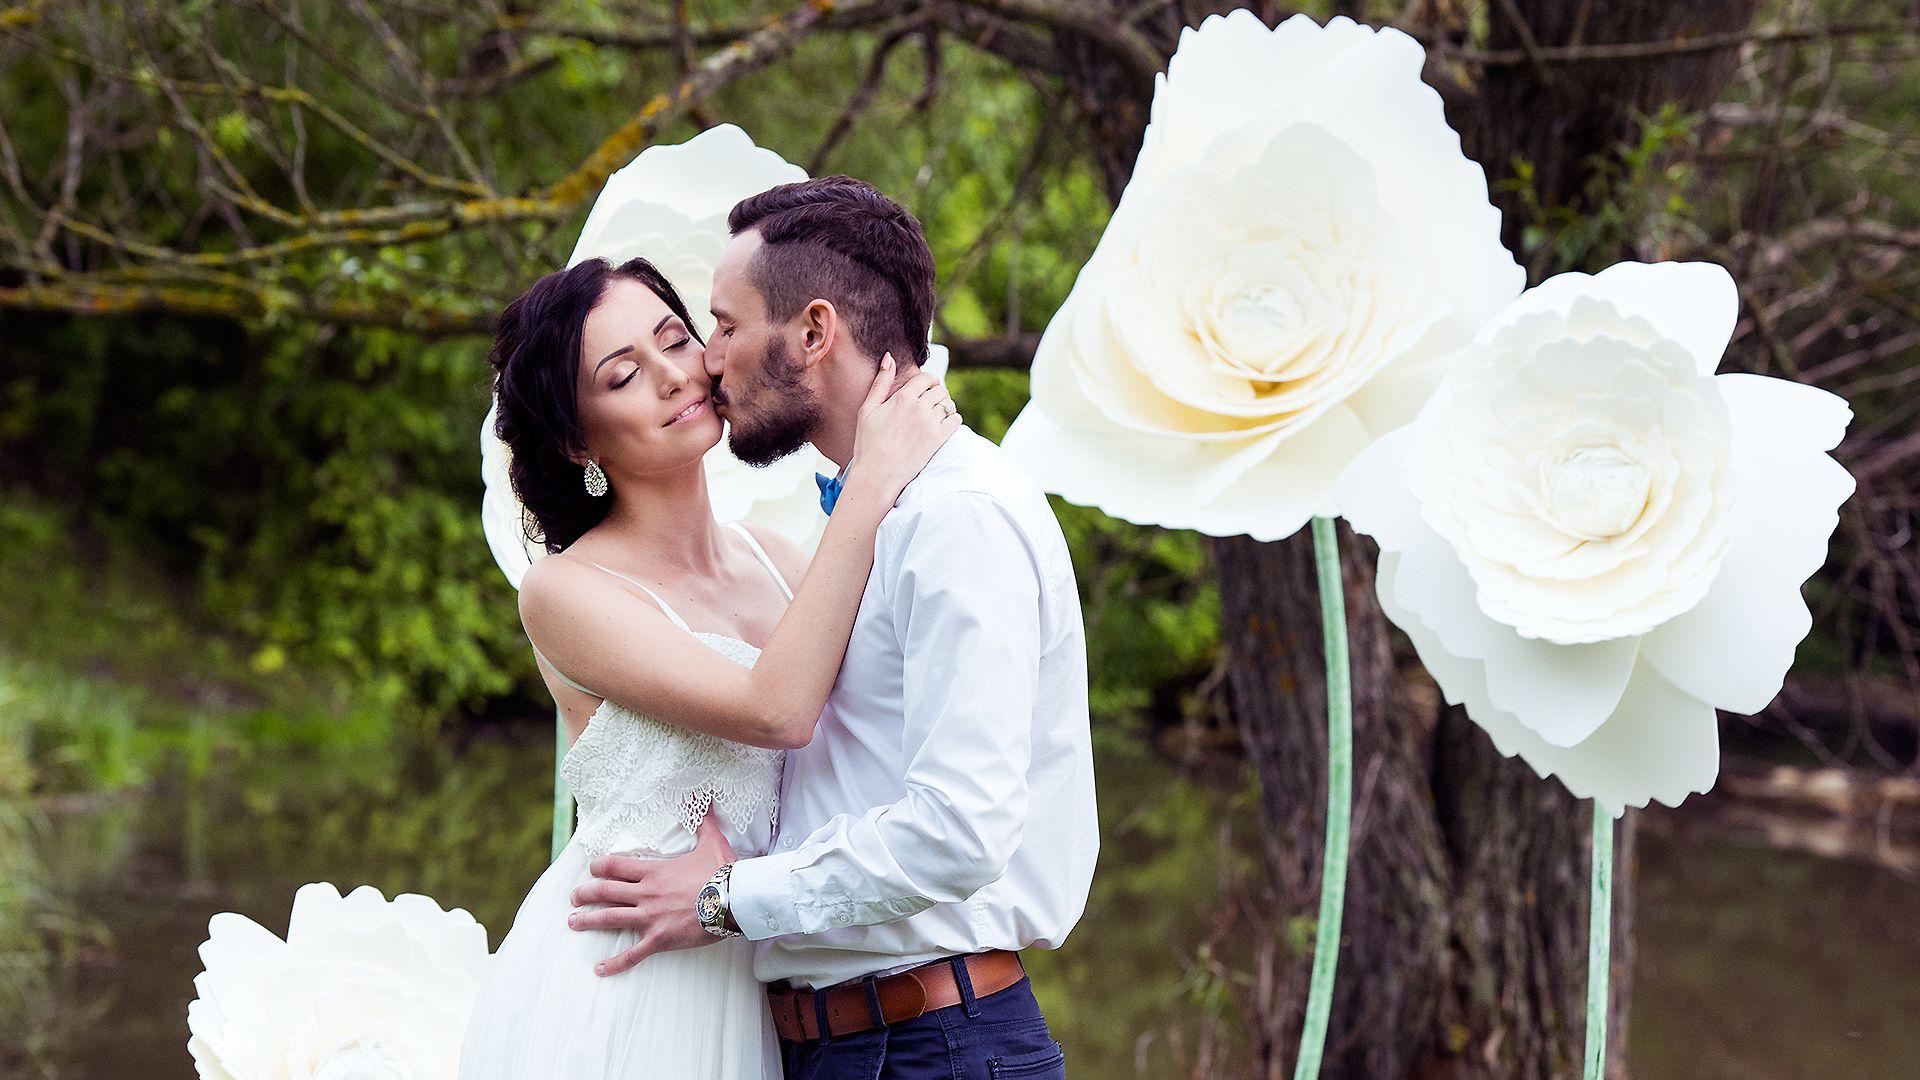 Свадебный фотограф, свадебные фотографии. Портретный фотограф в Варшаве. Портрет красивой девушки в парке. Фотосъемка крестин, фото со свадьбы, венчания, регистрации брака, свадебная фотосессия, фотограф на крещение, изготовление свадебных фотокниг.